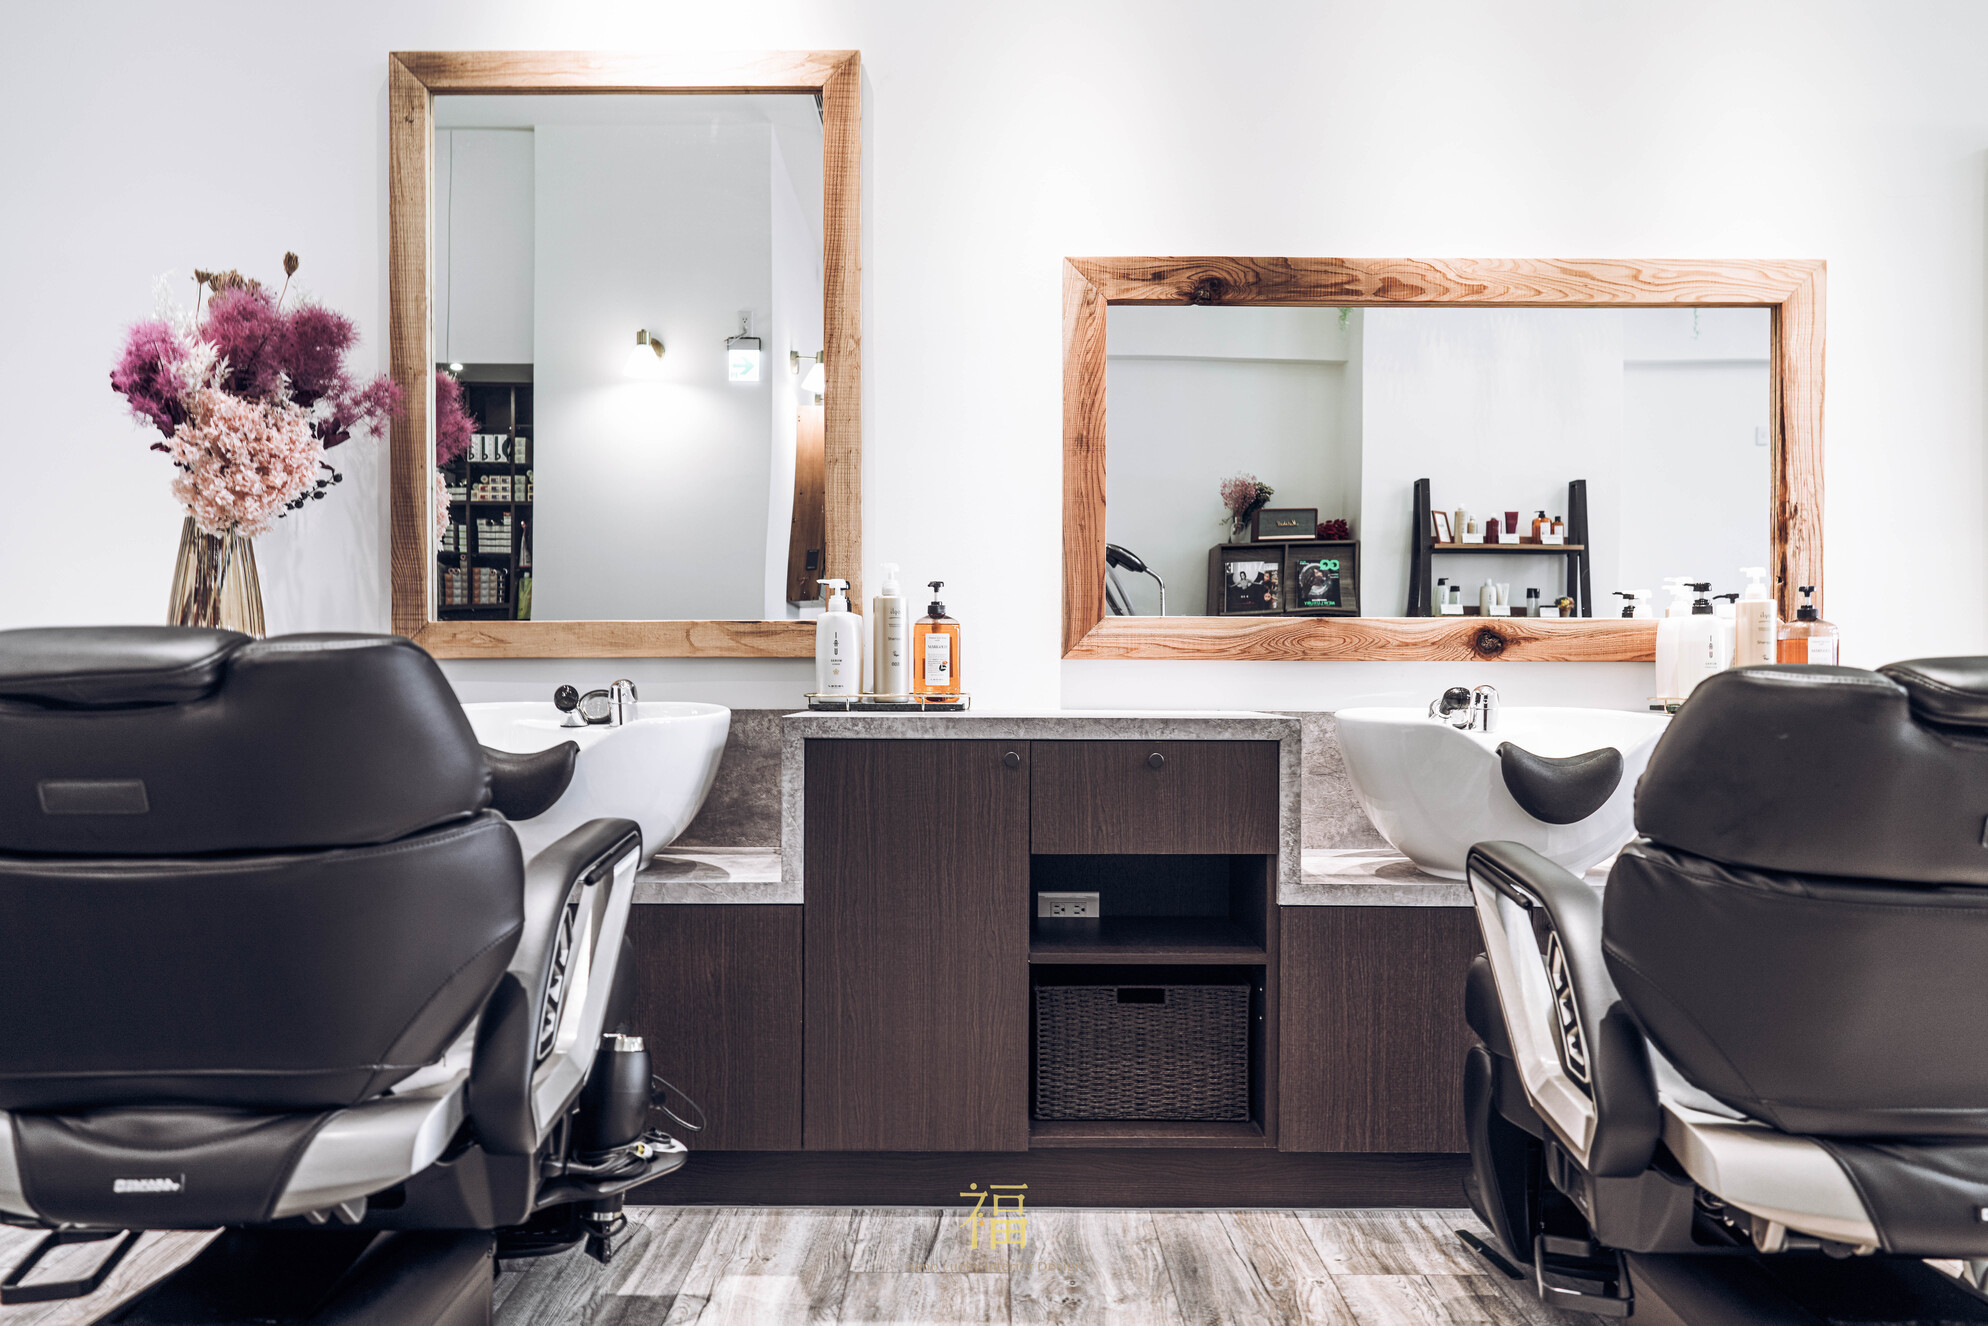 01嘉義太保日系髮廊lislushairsalonstory-美髮洗沖兩用功能設計|小福砌商業美髮沙龍空間設計